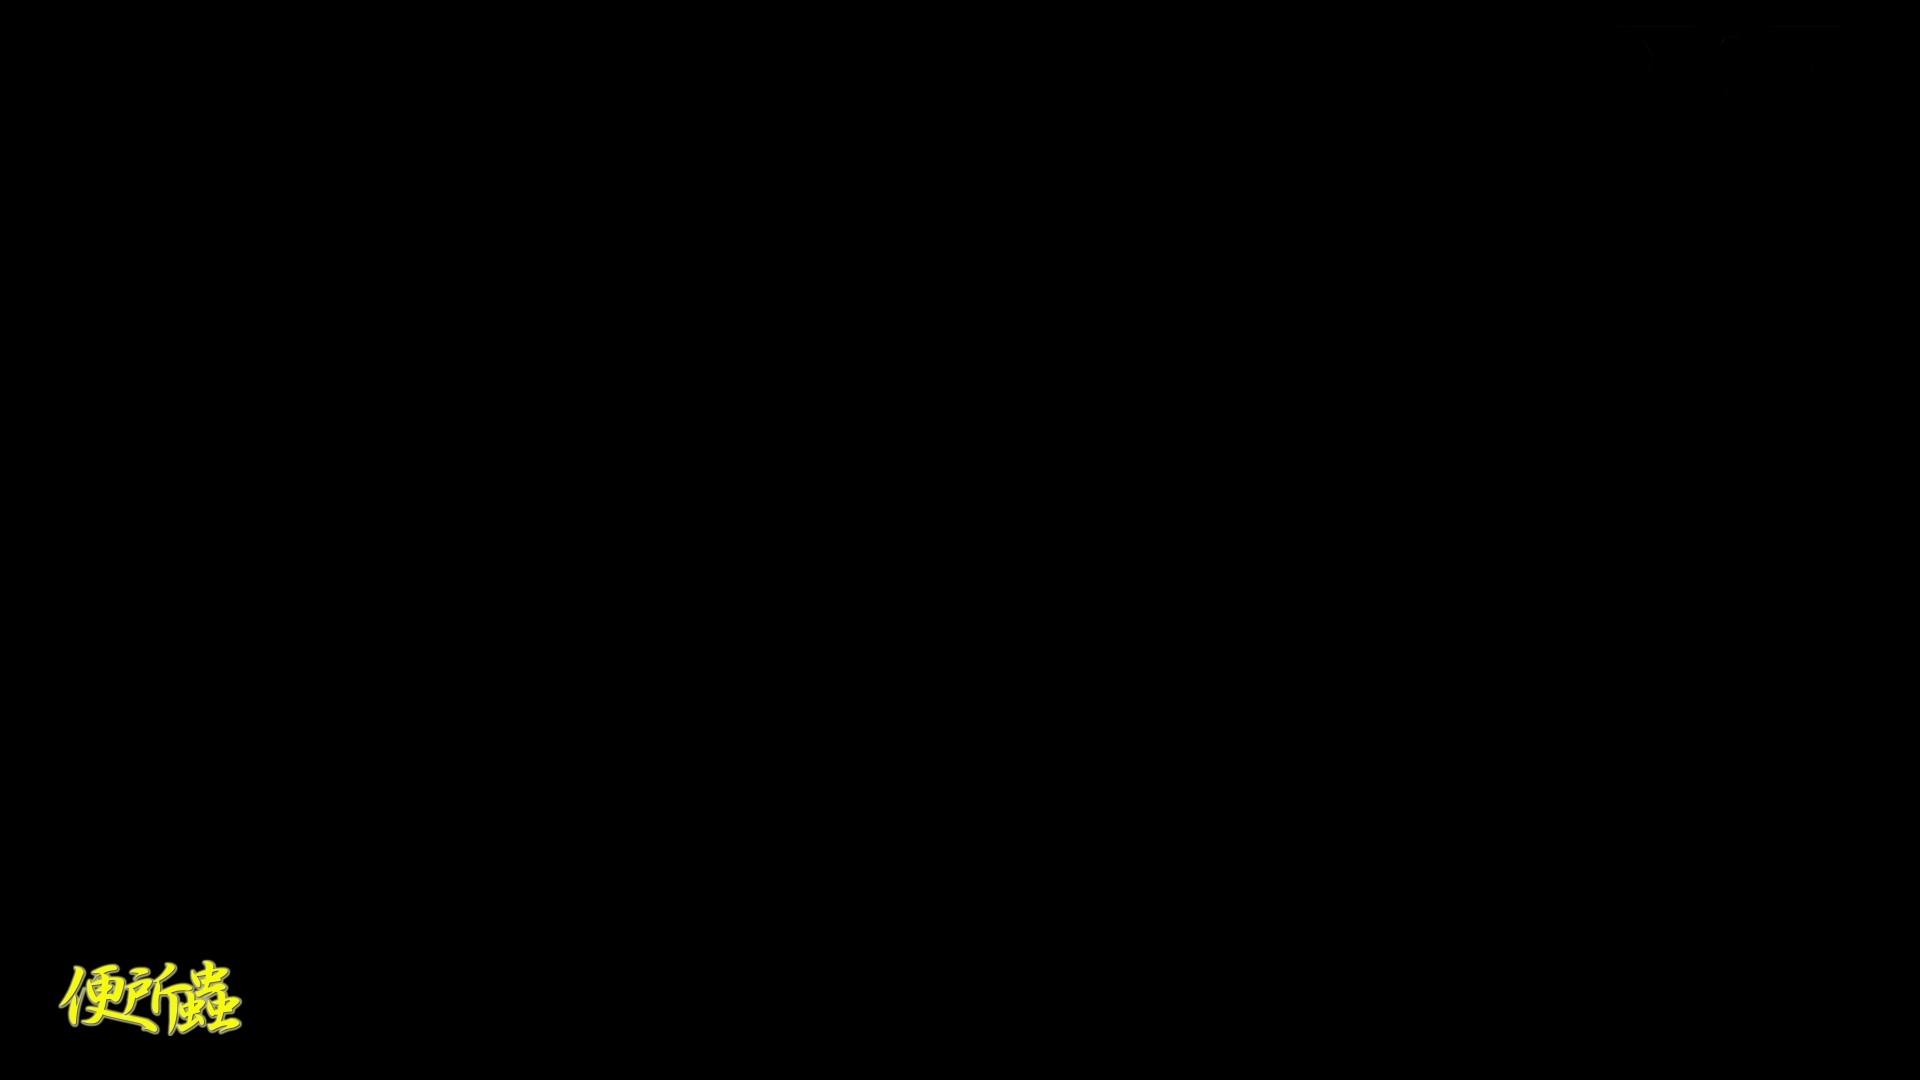 7名登場※【洗面所盗撮】vol.18 便所蟲さんのリターン~寺子屋洗面所盗撮~ OL女体   女体盗撮  104連発 26